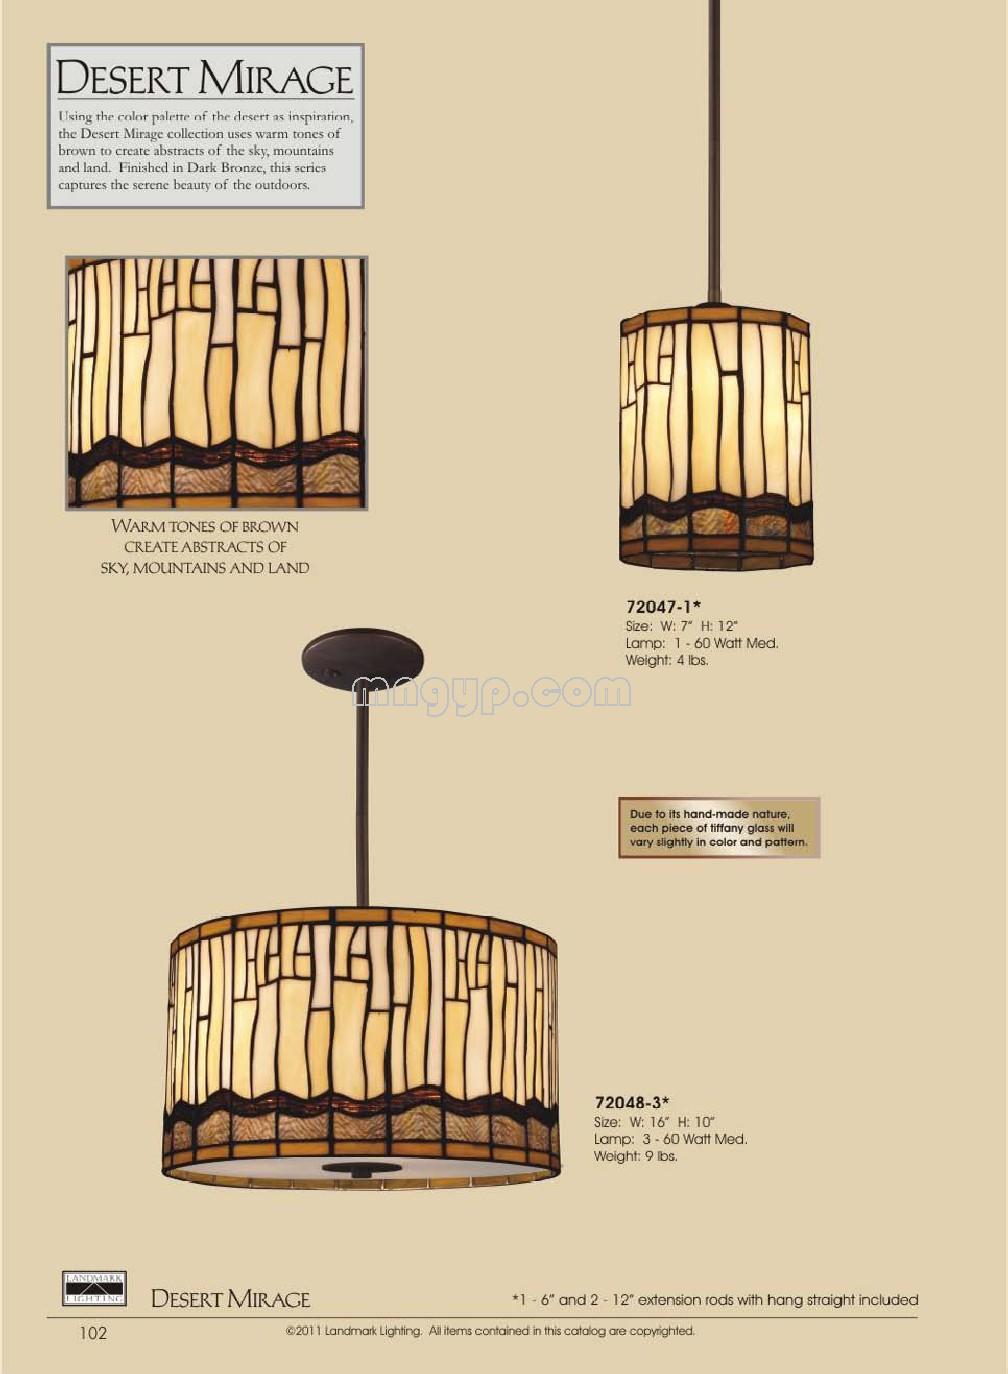 landmark4000 2012年欧式灯饰灯具设计书籍_1006*1374图片